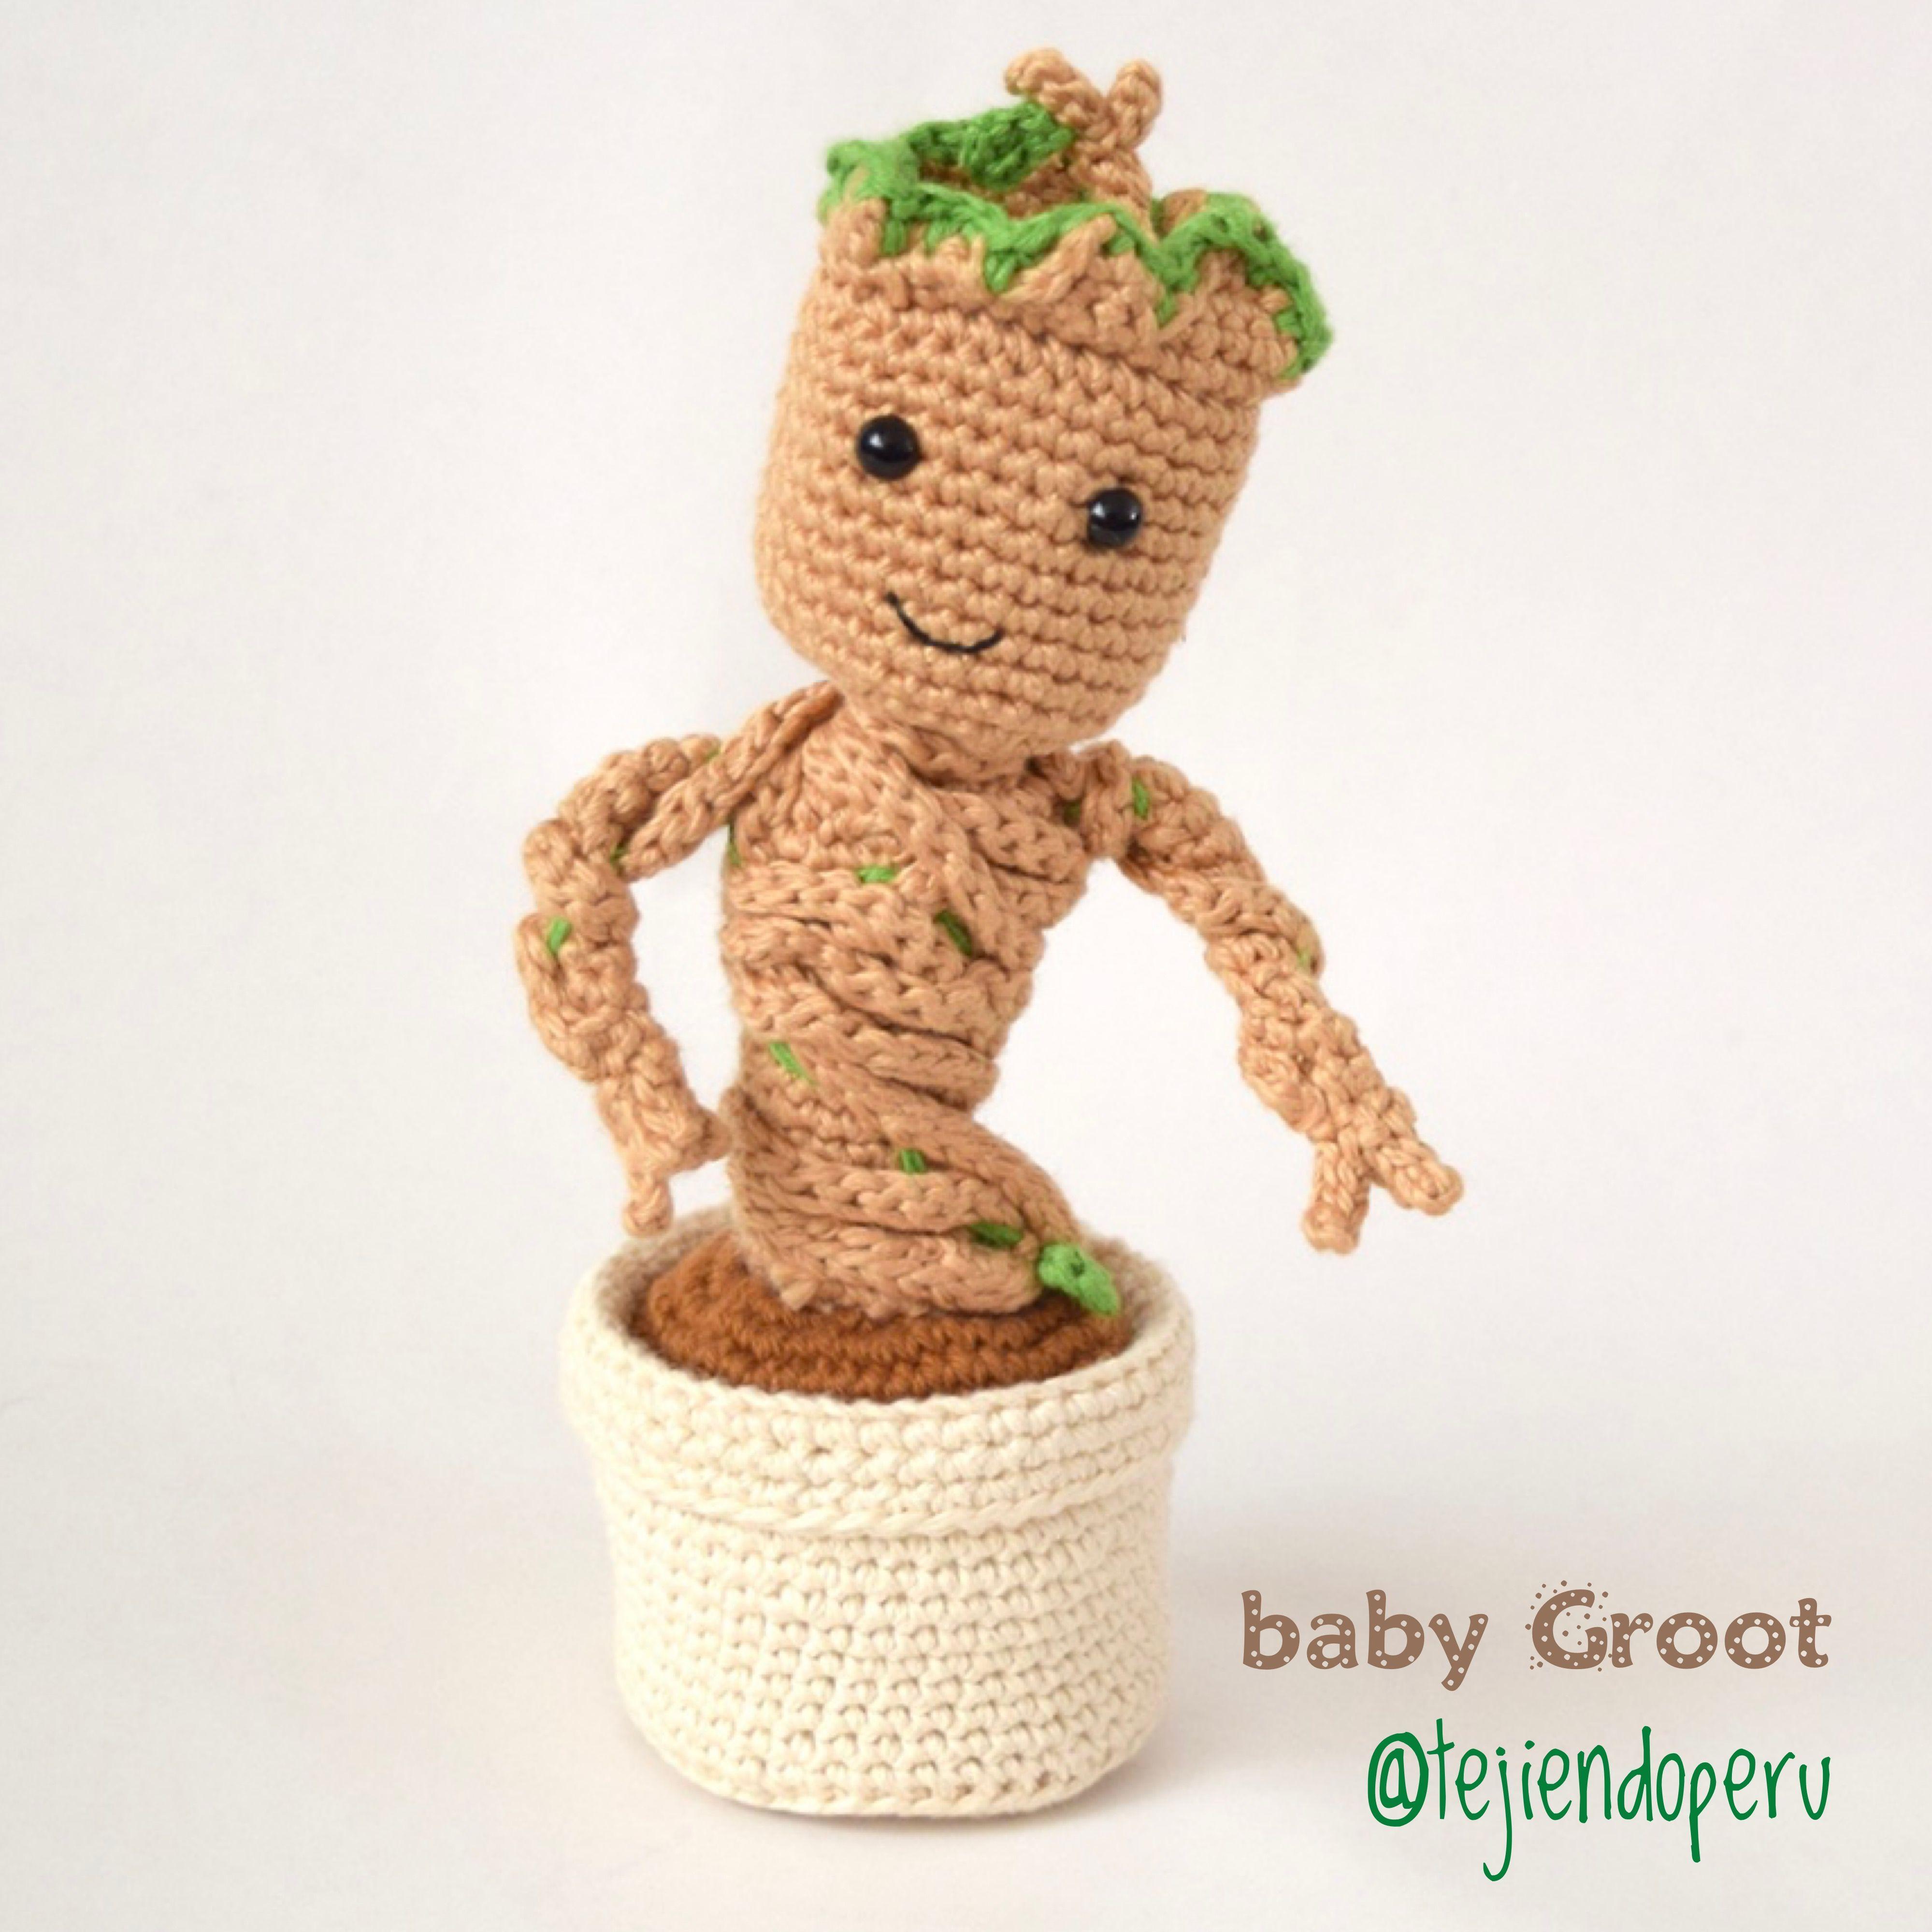 Baby Groot amigurumi paso a paso 😍 #crochet #amigurumi #Babygroot ...